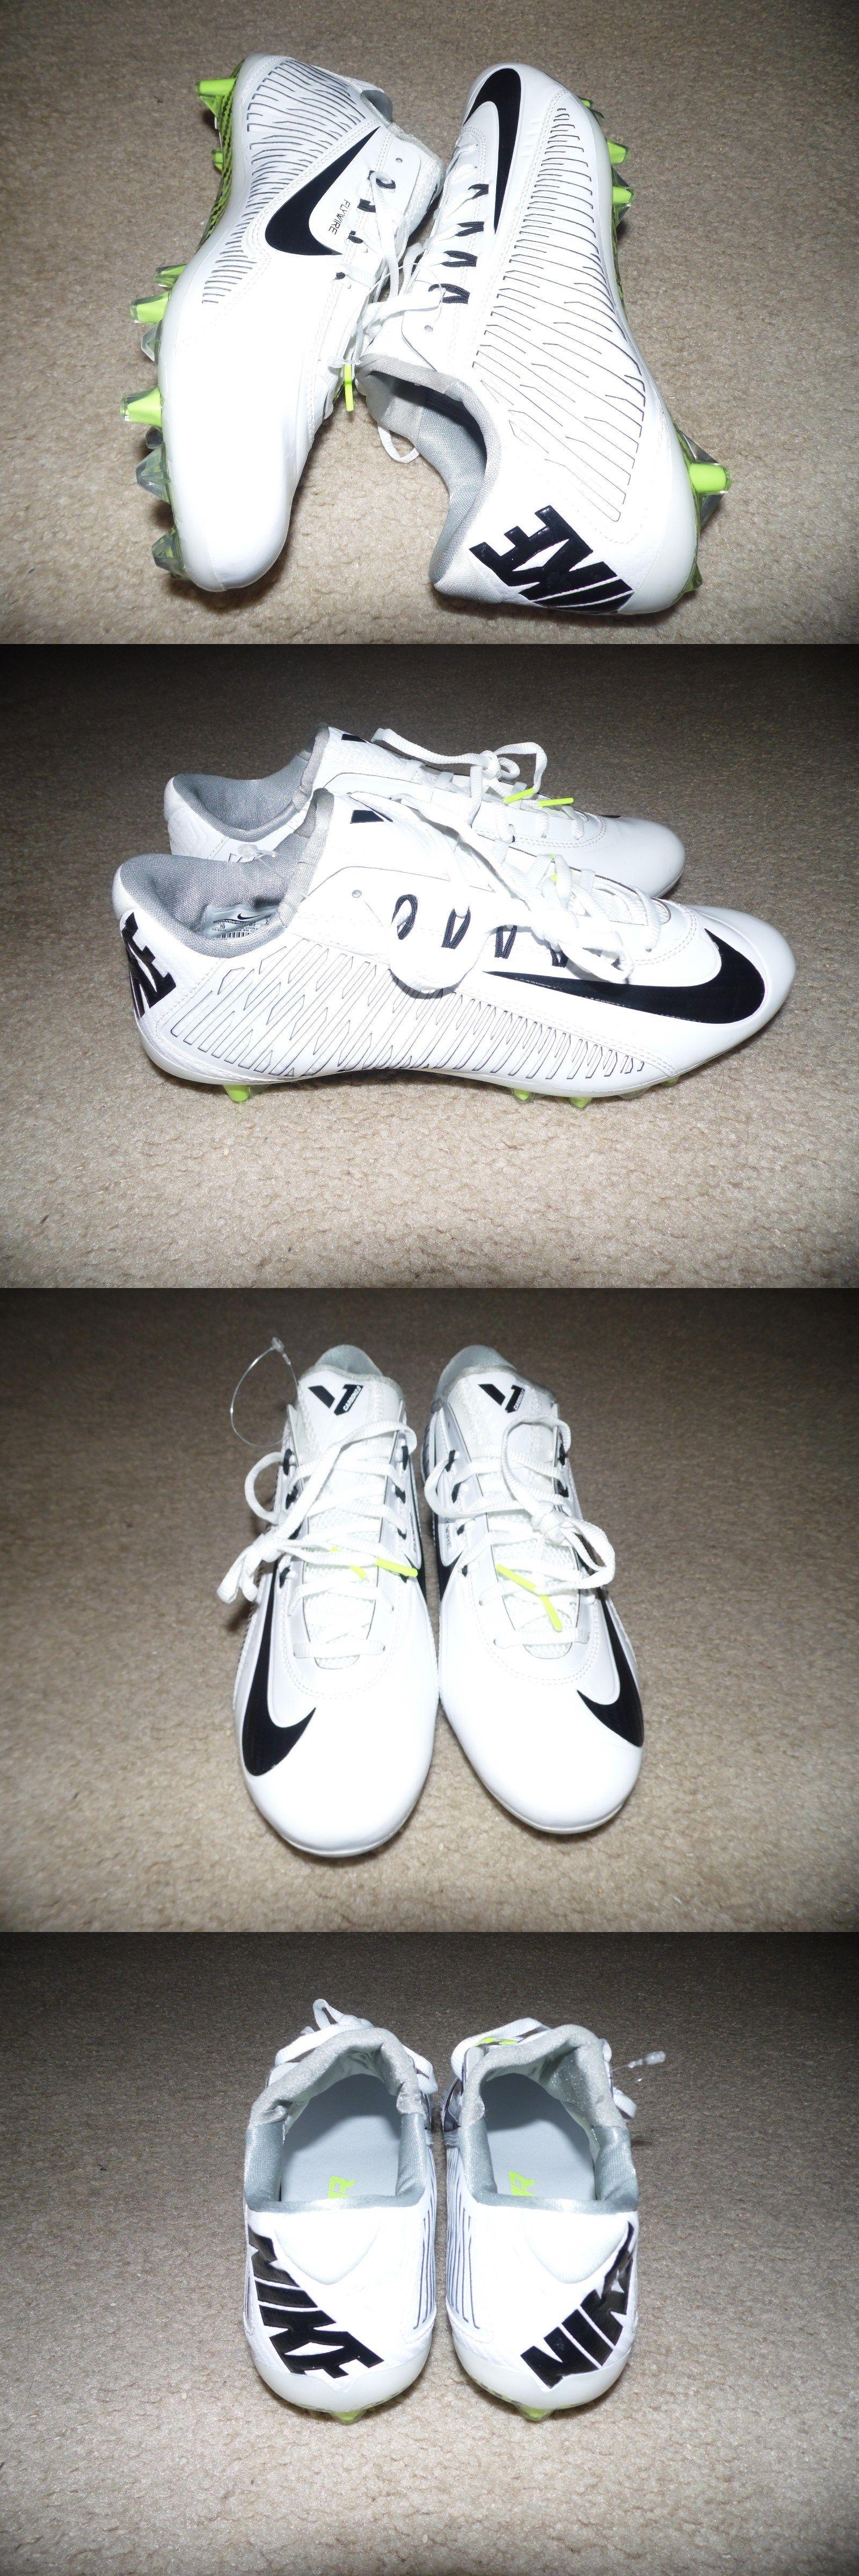 timeless design d5dd6 b9da4 Men 159116: New Sz 10.5 Nike Vapor Carbon Elite 2.0 Td Football Cleat White  Black 631425-102 -> BUY IT NOW ONLY: $74.95 on eBay!